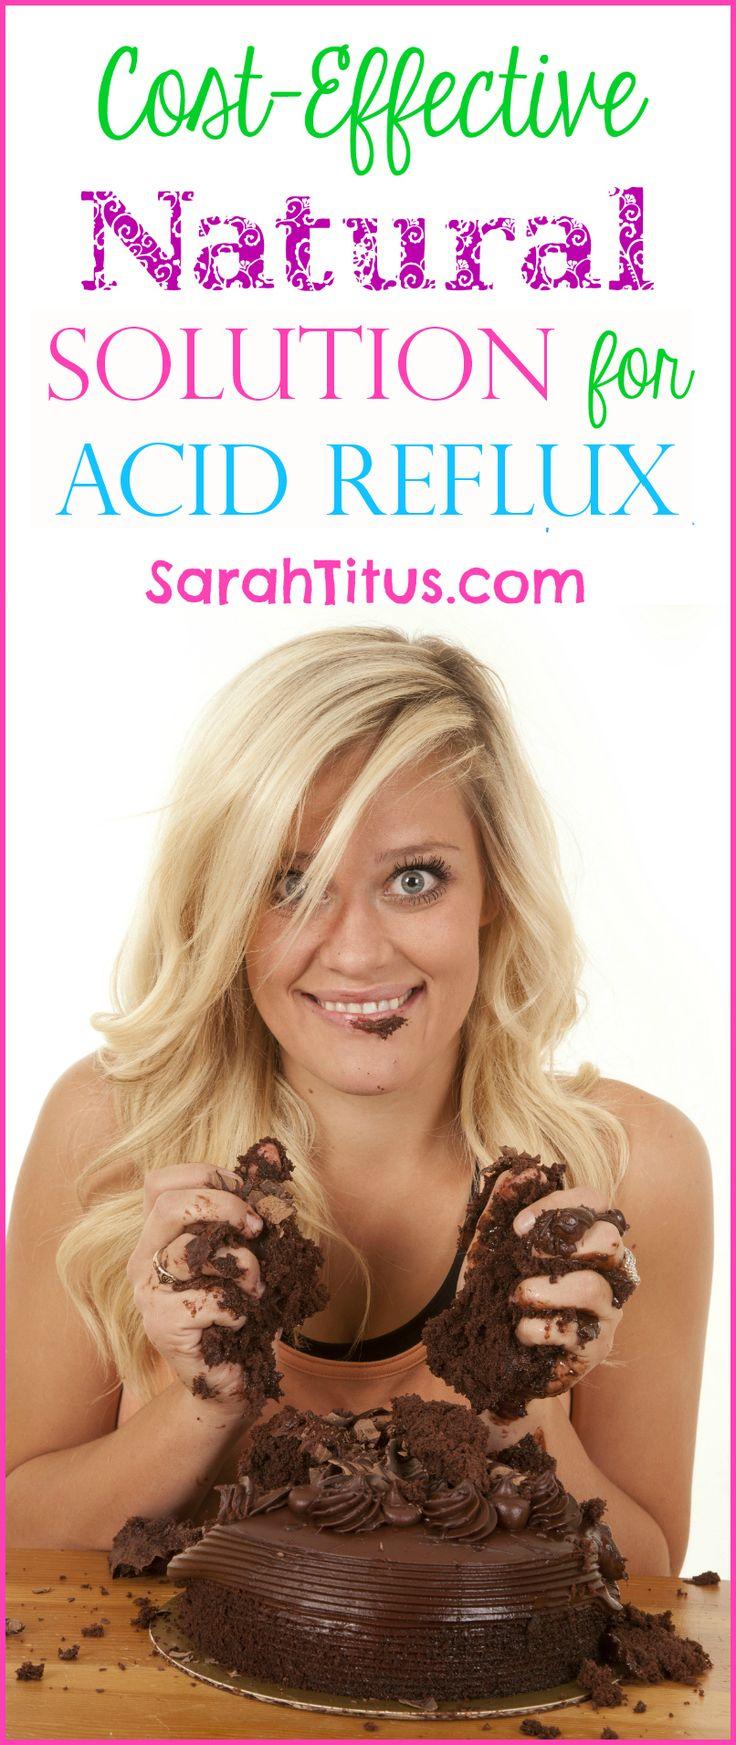 109 best My career (Pharmacy Tech) images on Pinterest | Pharmacy ...